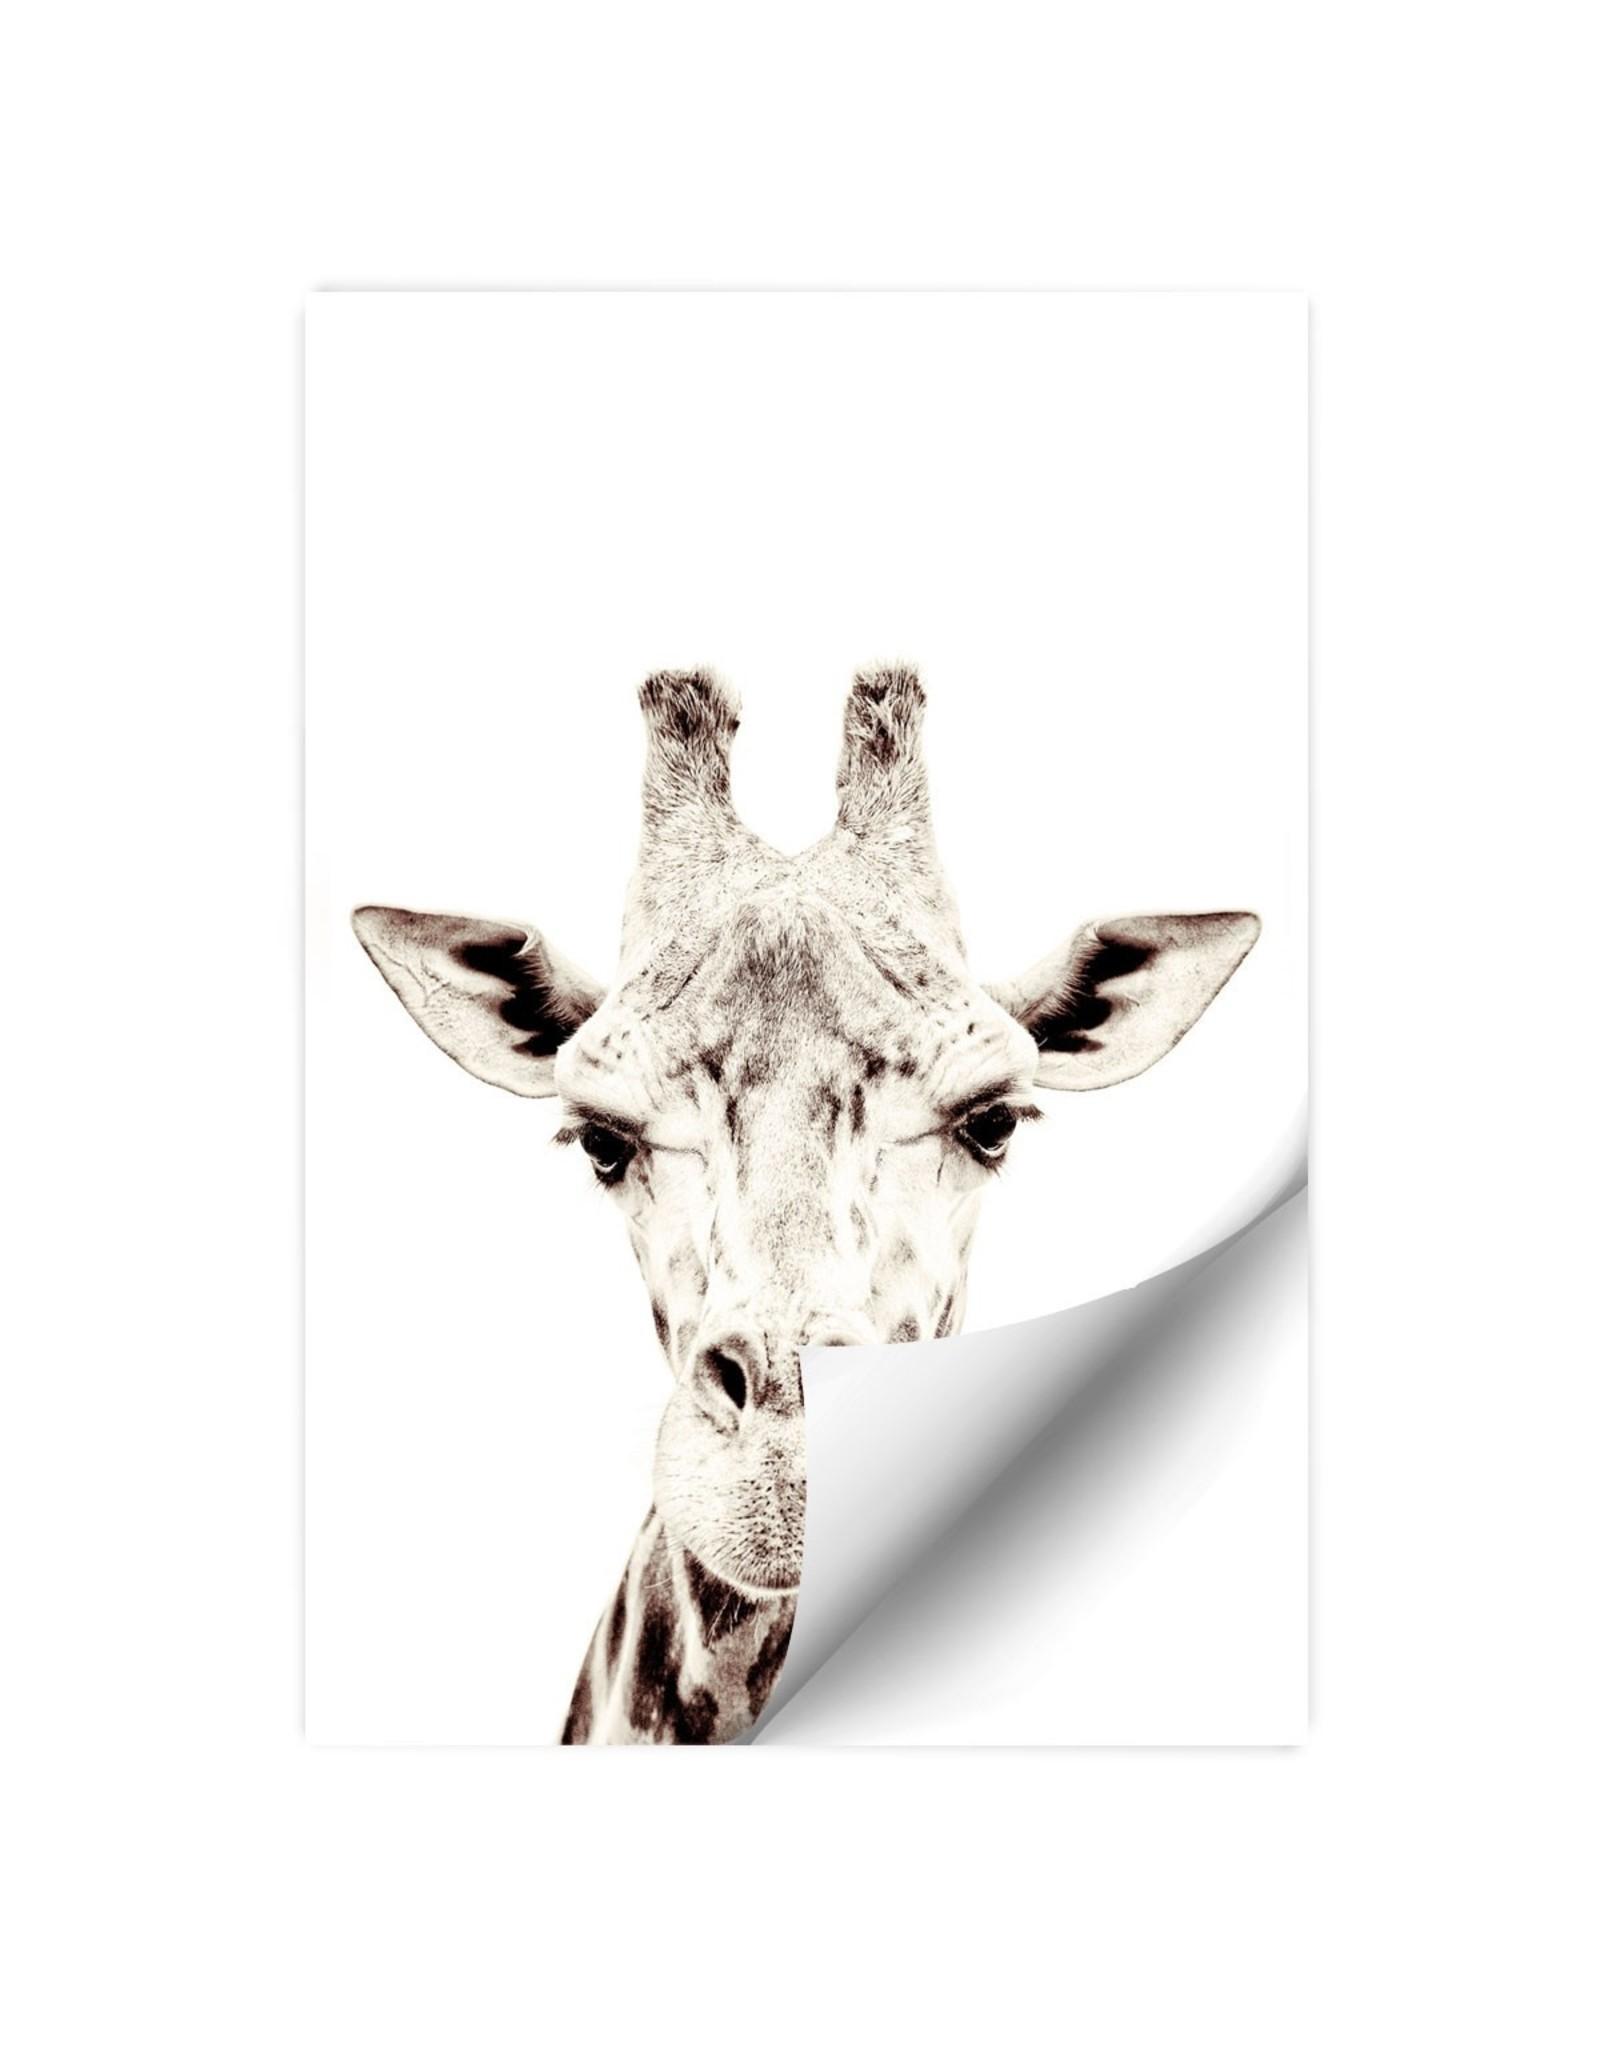 Magneetsticker giraf 60 x 91,5 cm